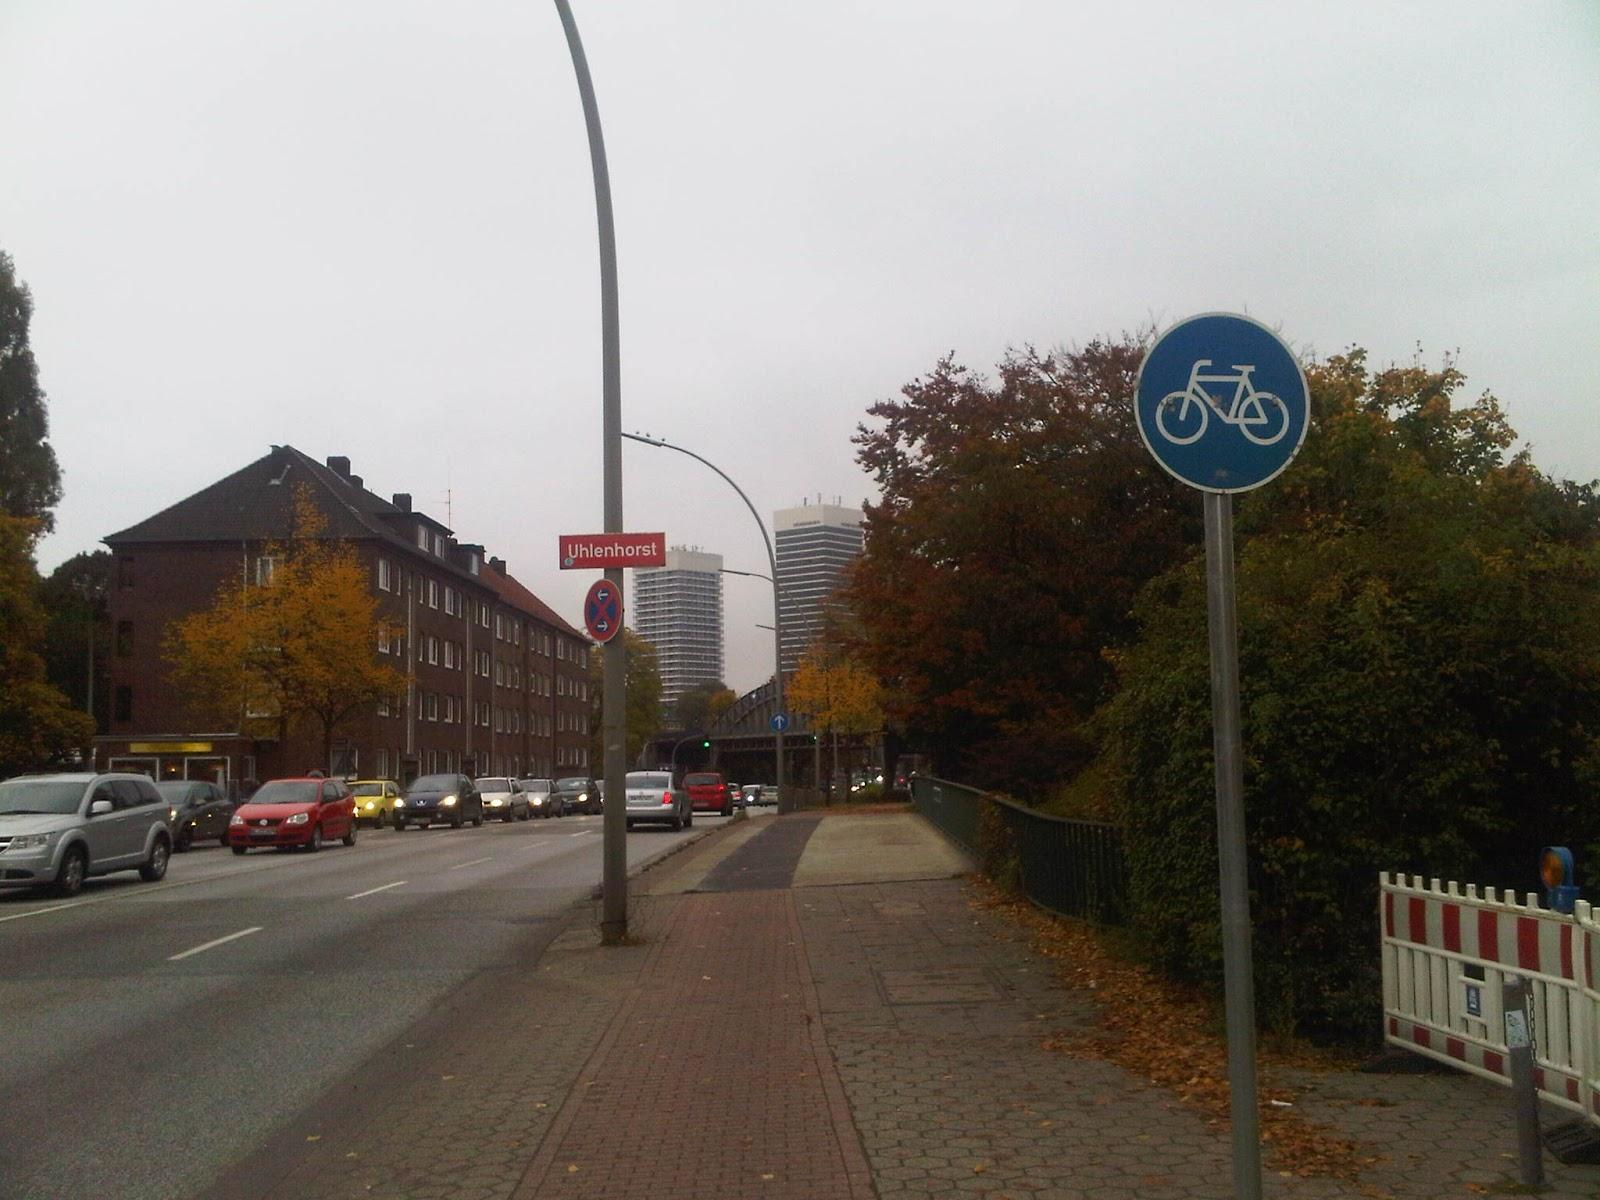 Uhlenhorst - Hamburg - Herbst - Mundsburg-Towers